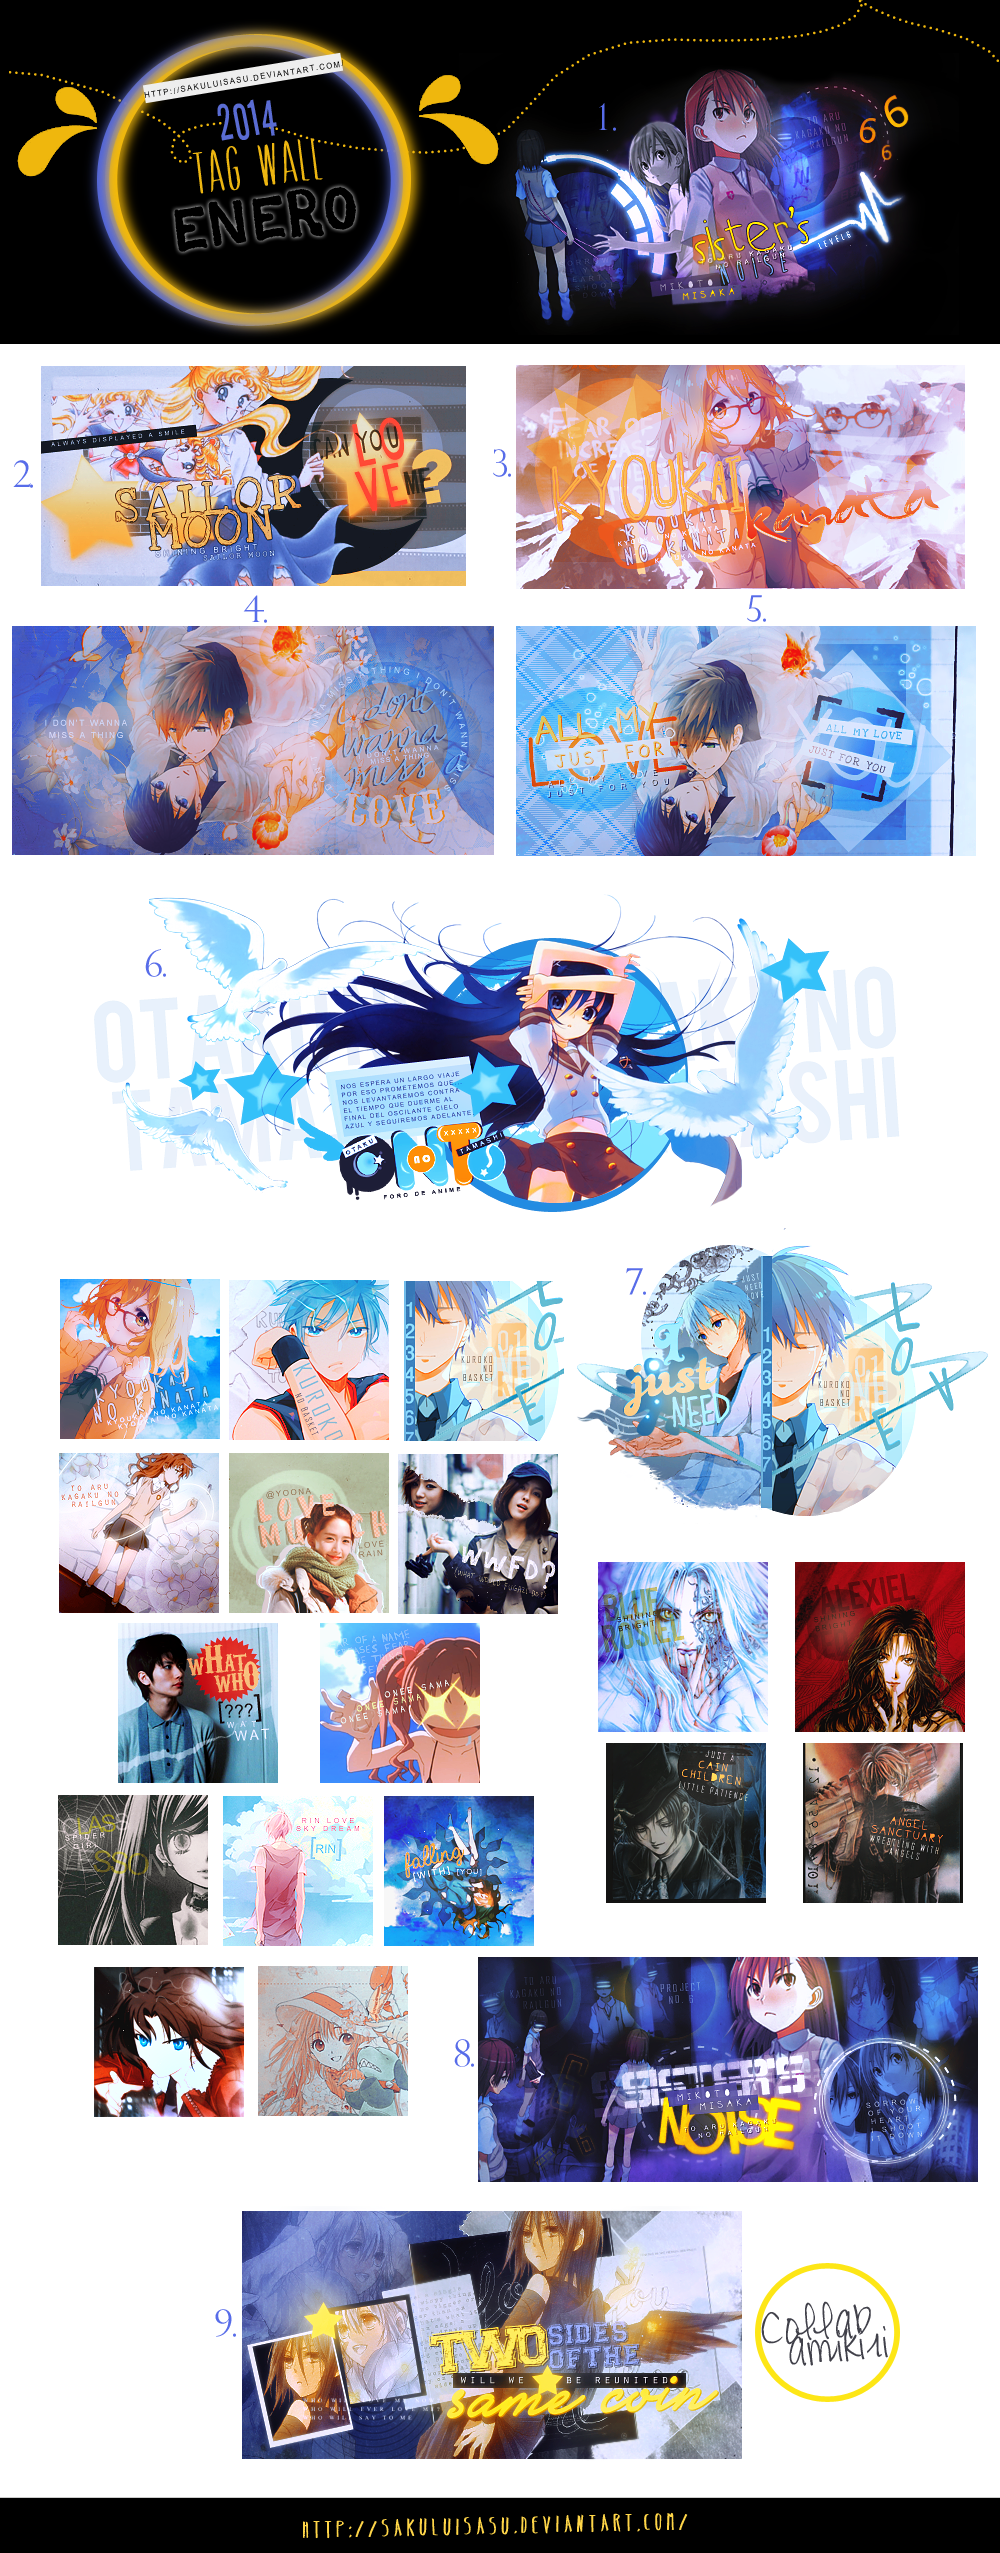 Tag Wall 01-2014 by sakuluisasu